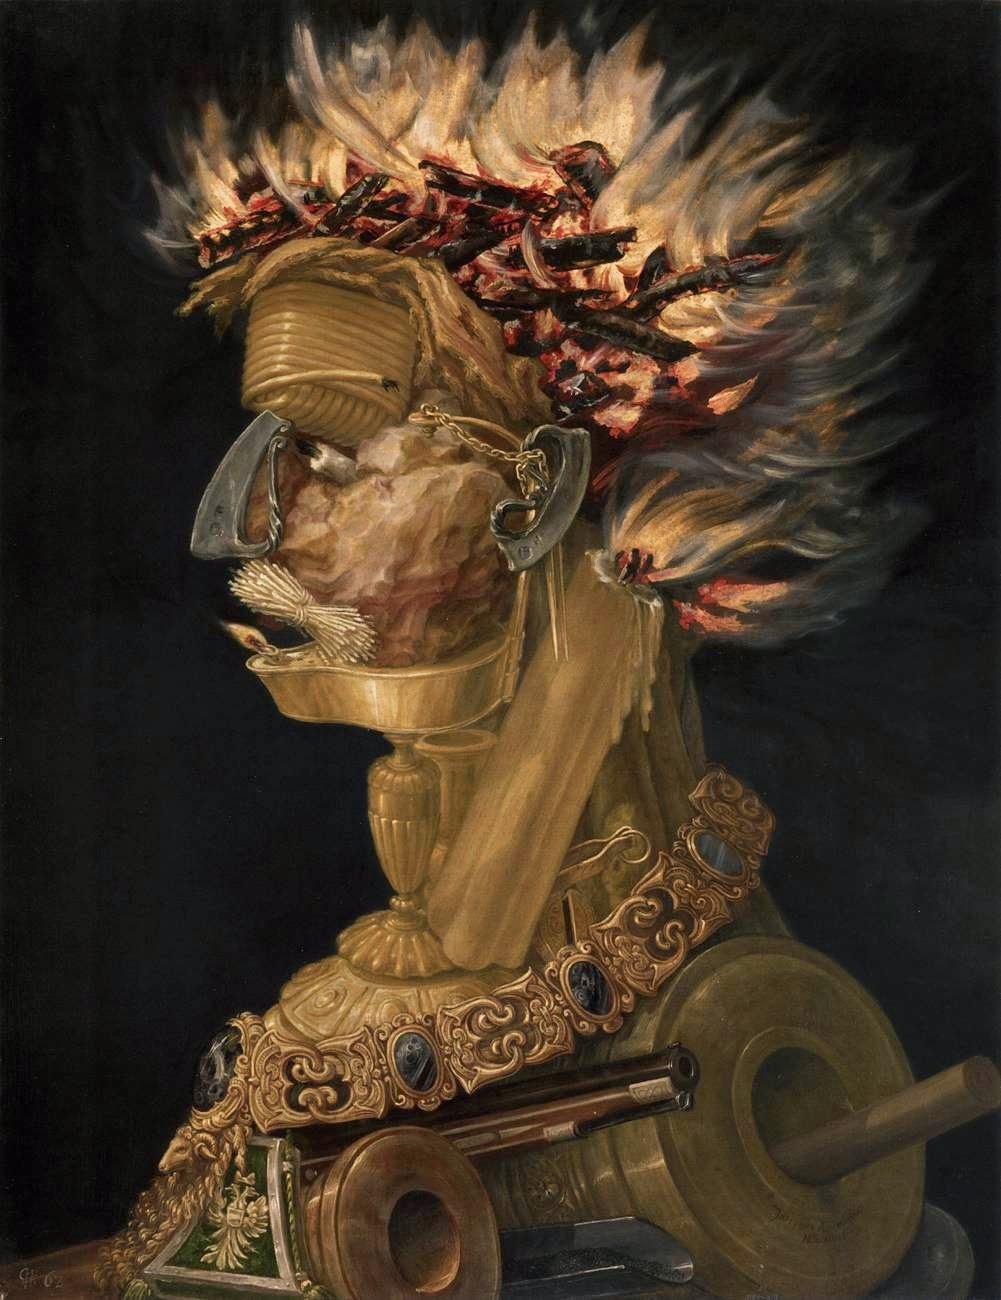 """Fogo - Giuseppe Arcimboldo e suas fantásticas pinturas ~ Inclui """"As Quatro Estações"""""""